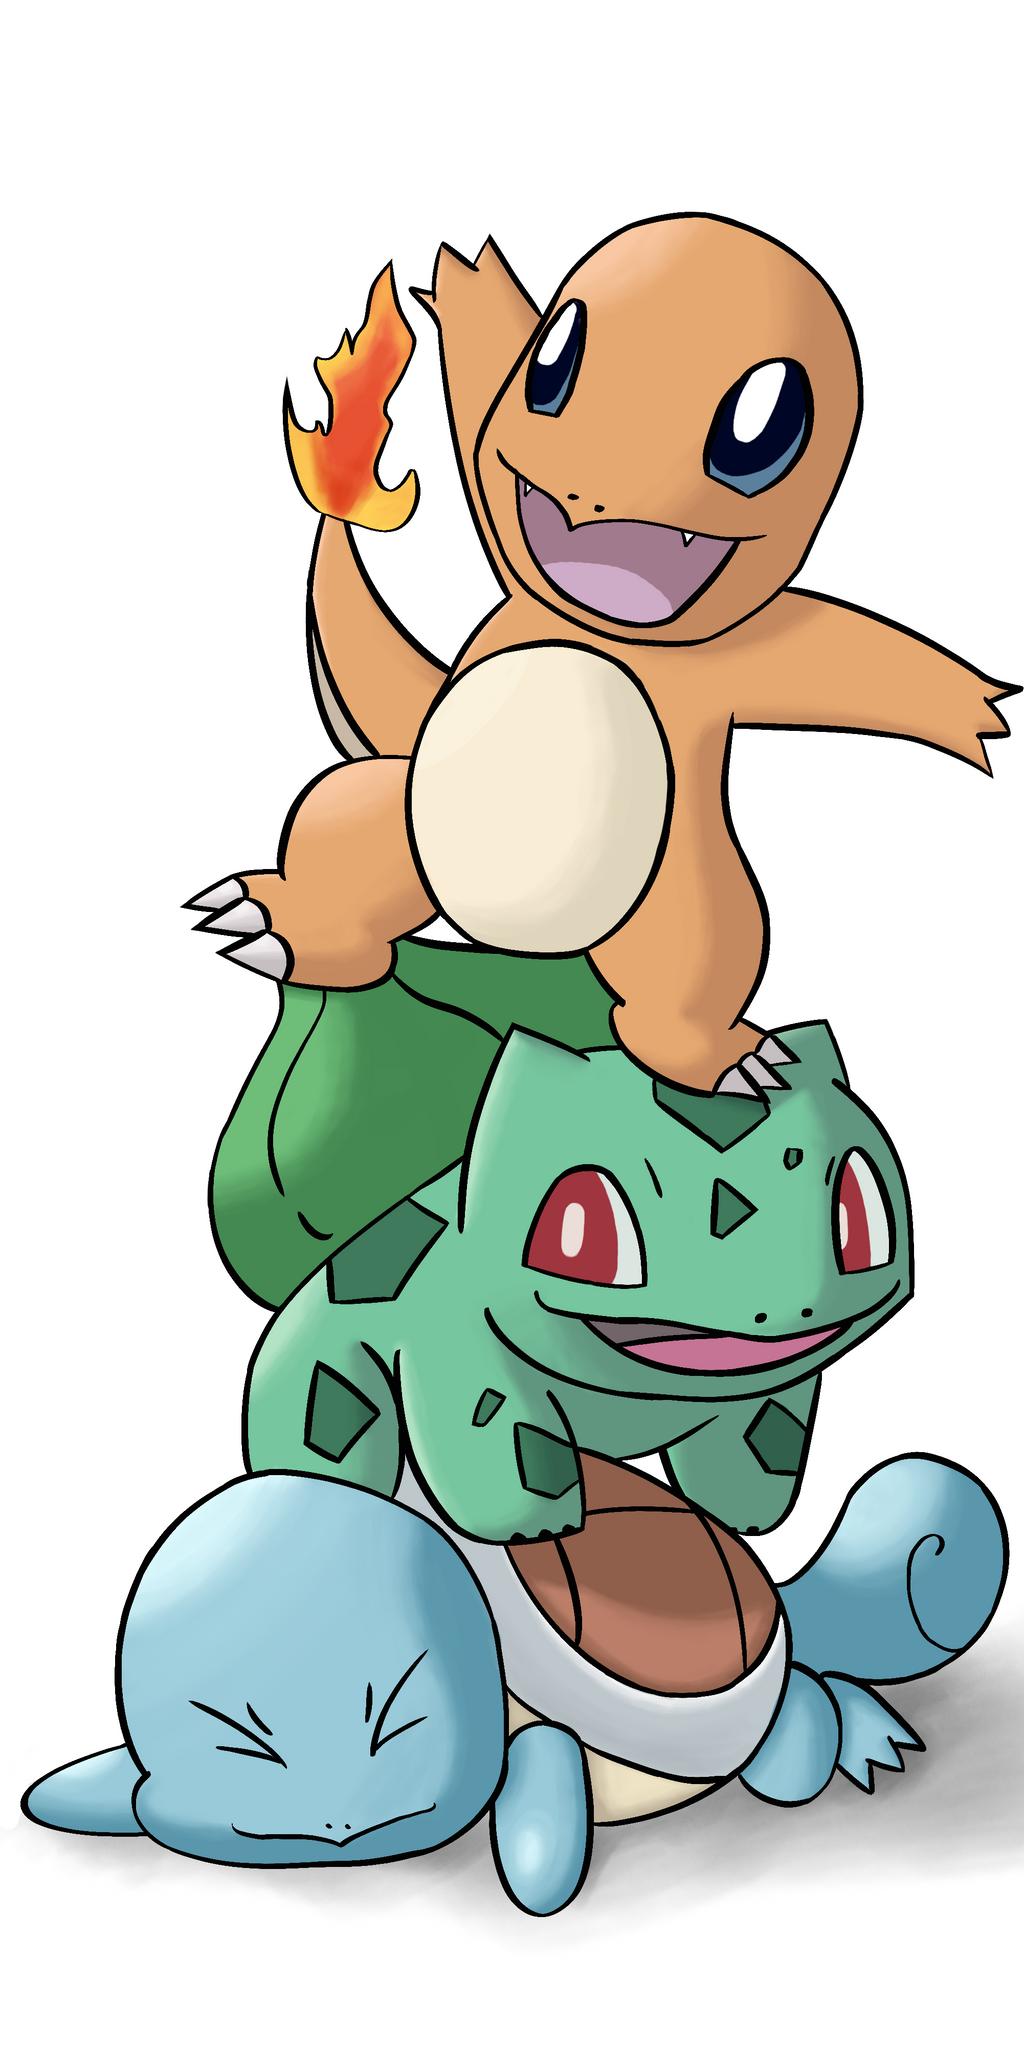 Cringe Pokemon Fan Art Images